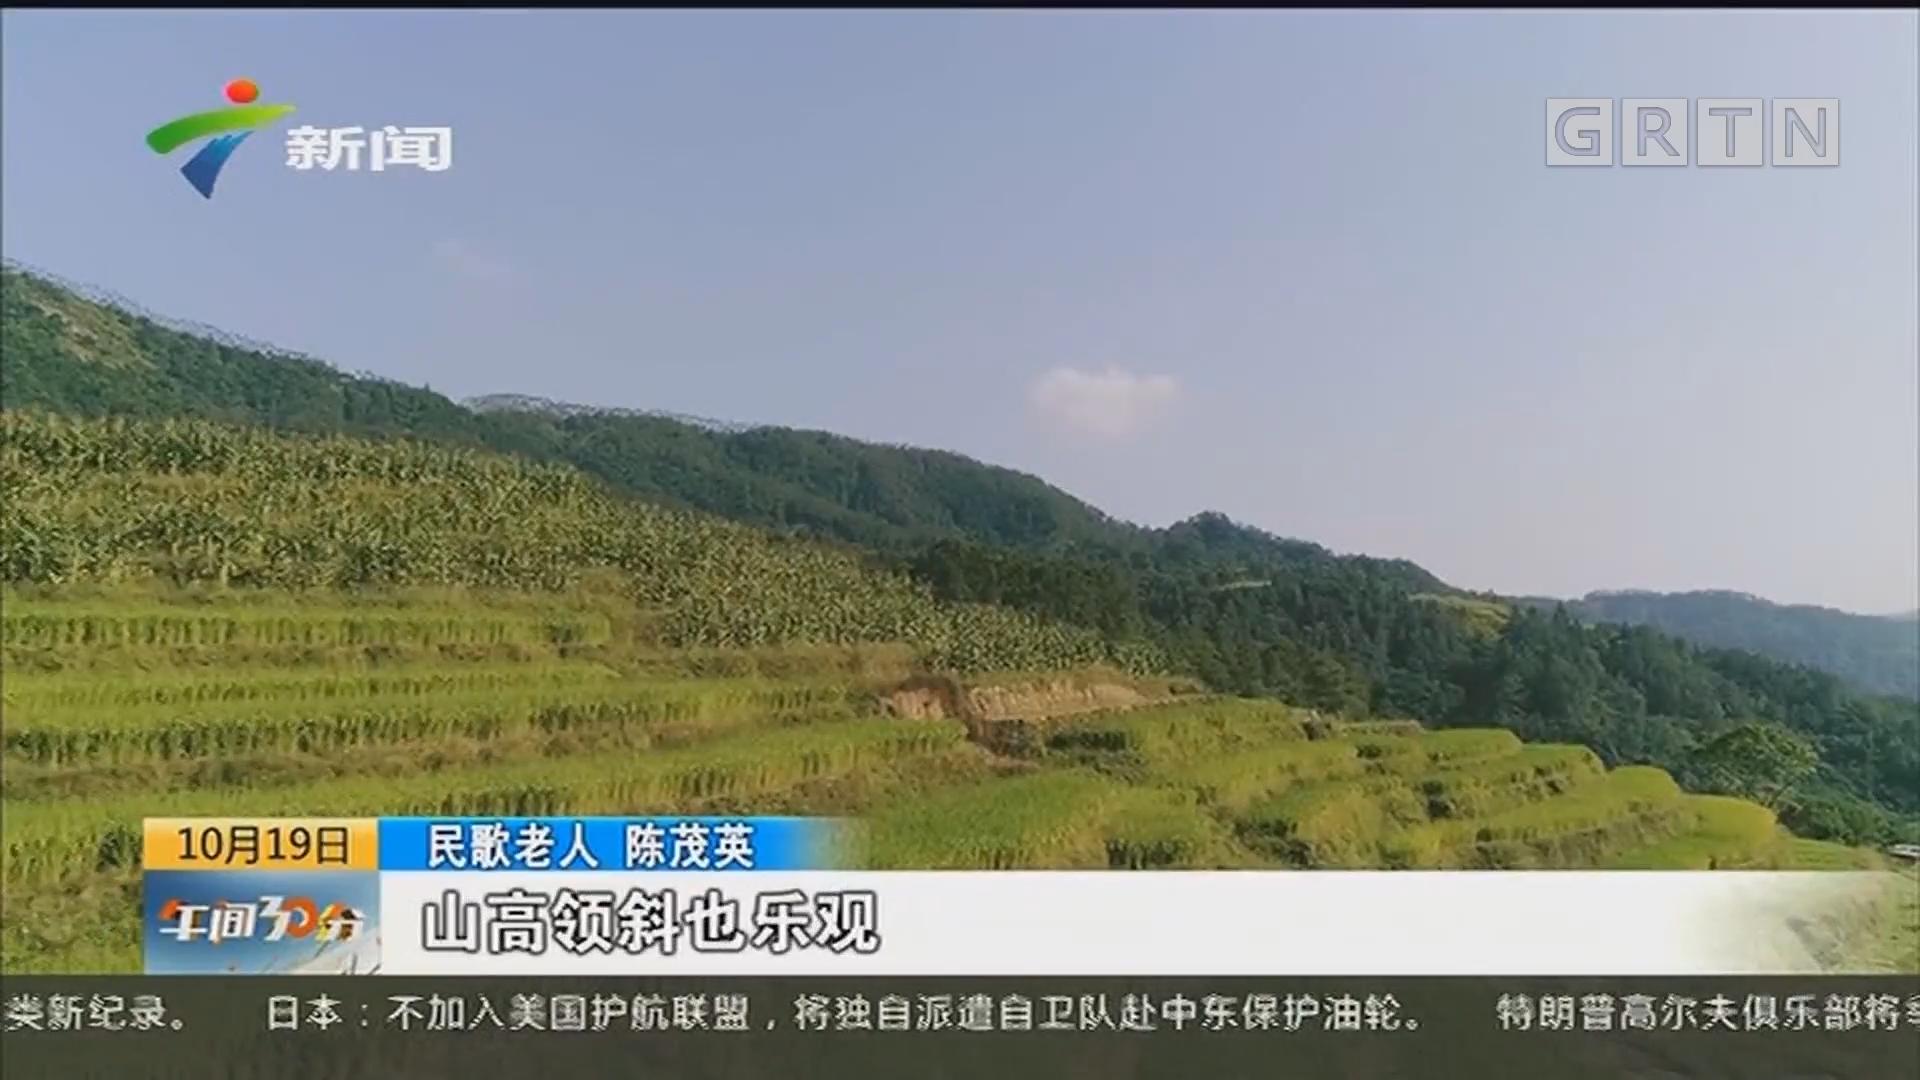 发现广东:驴行界的最美山峰——阳春鸡笼顶